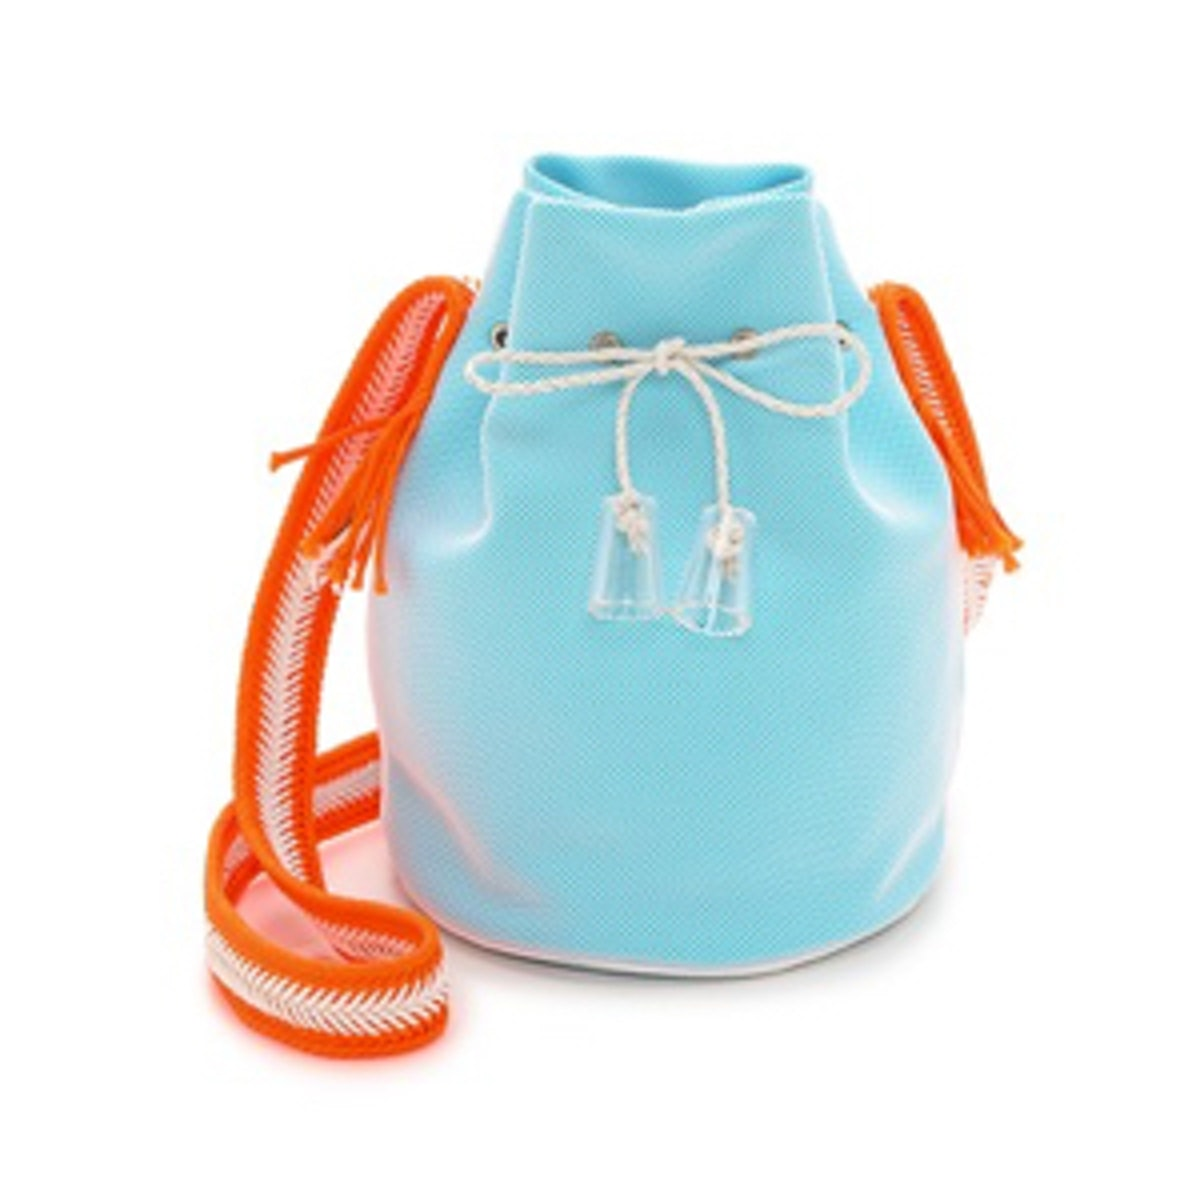 Cuba Bucket Bag